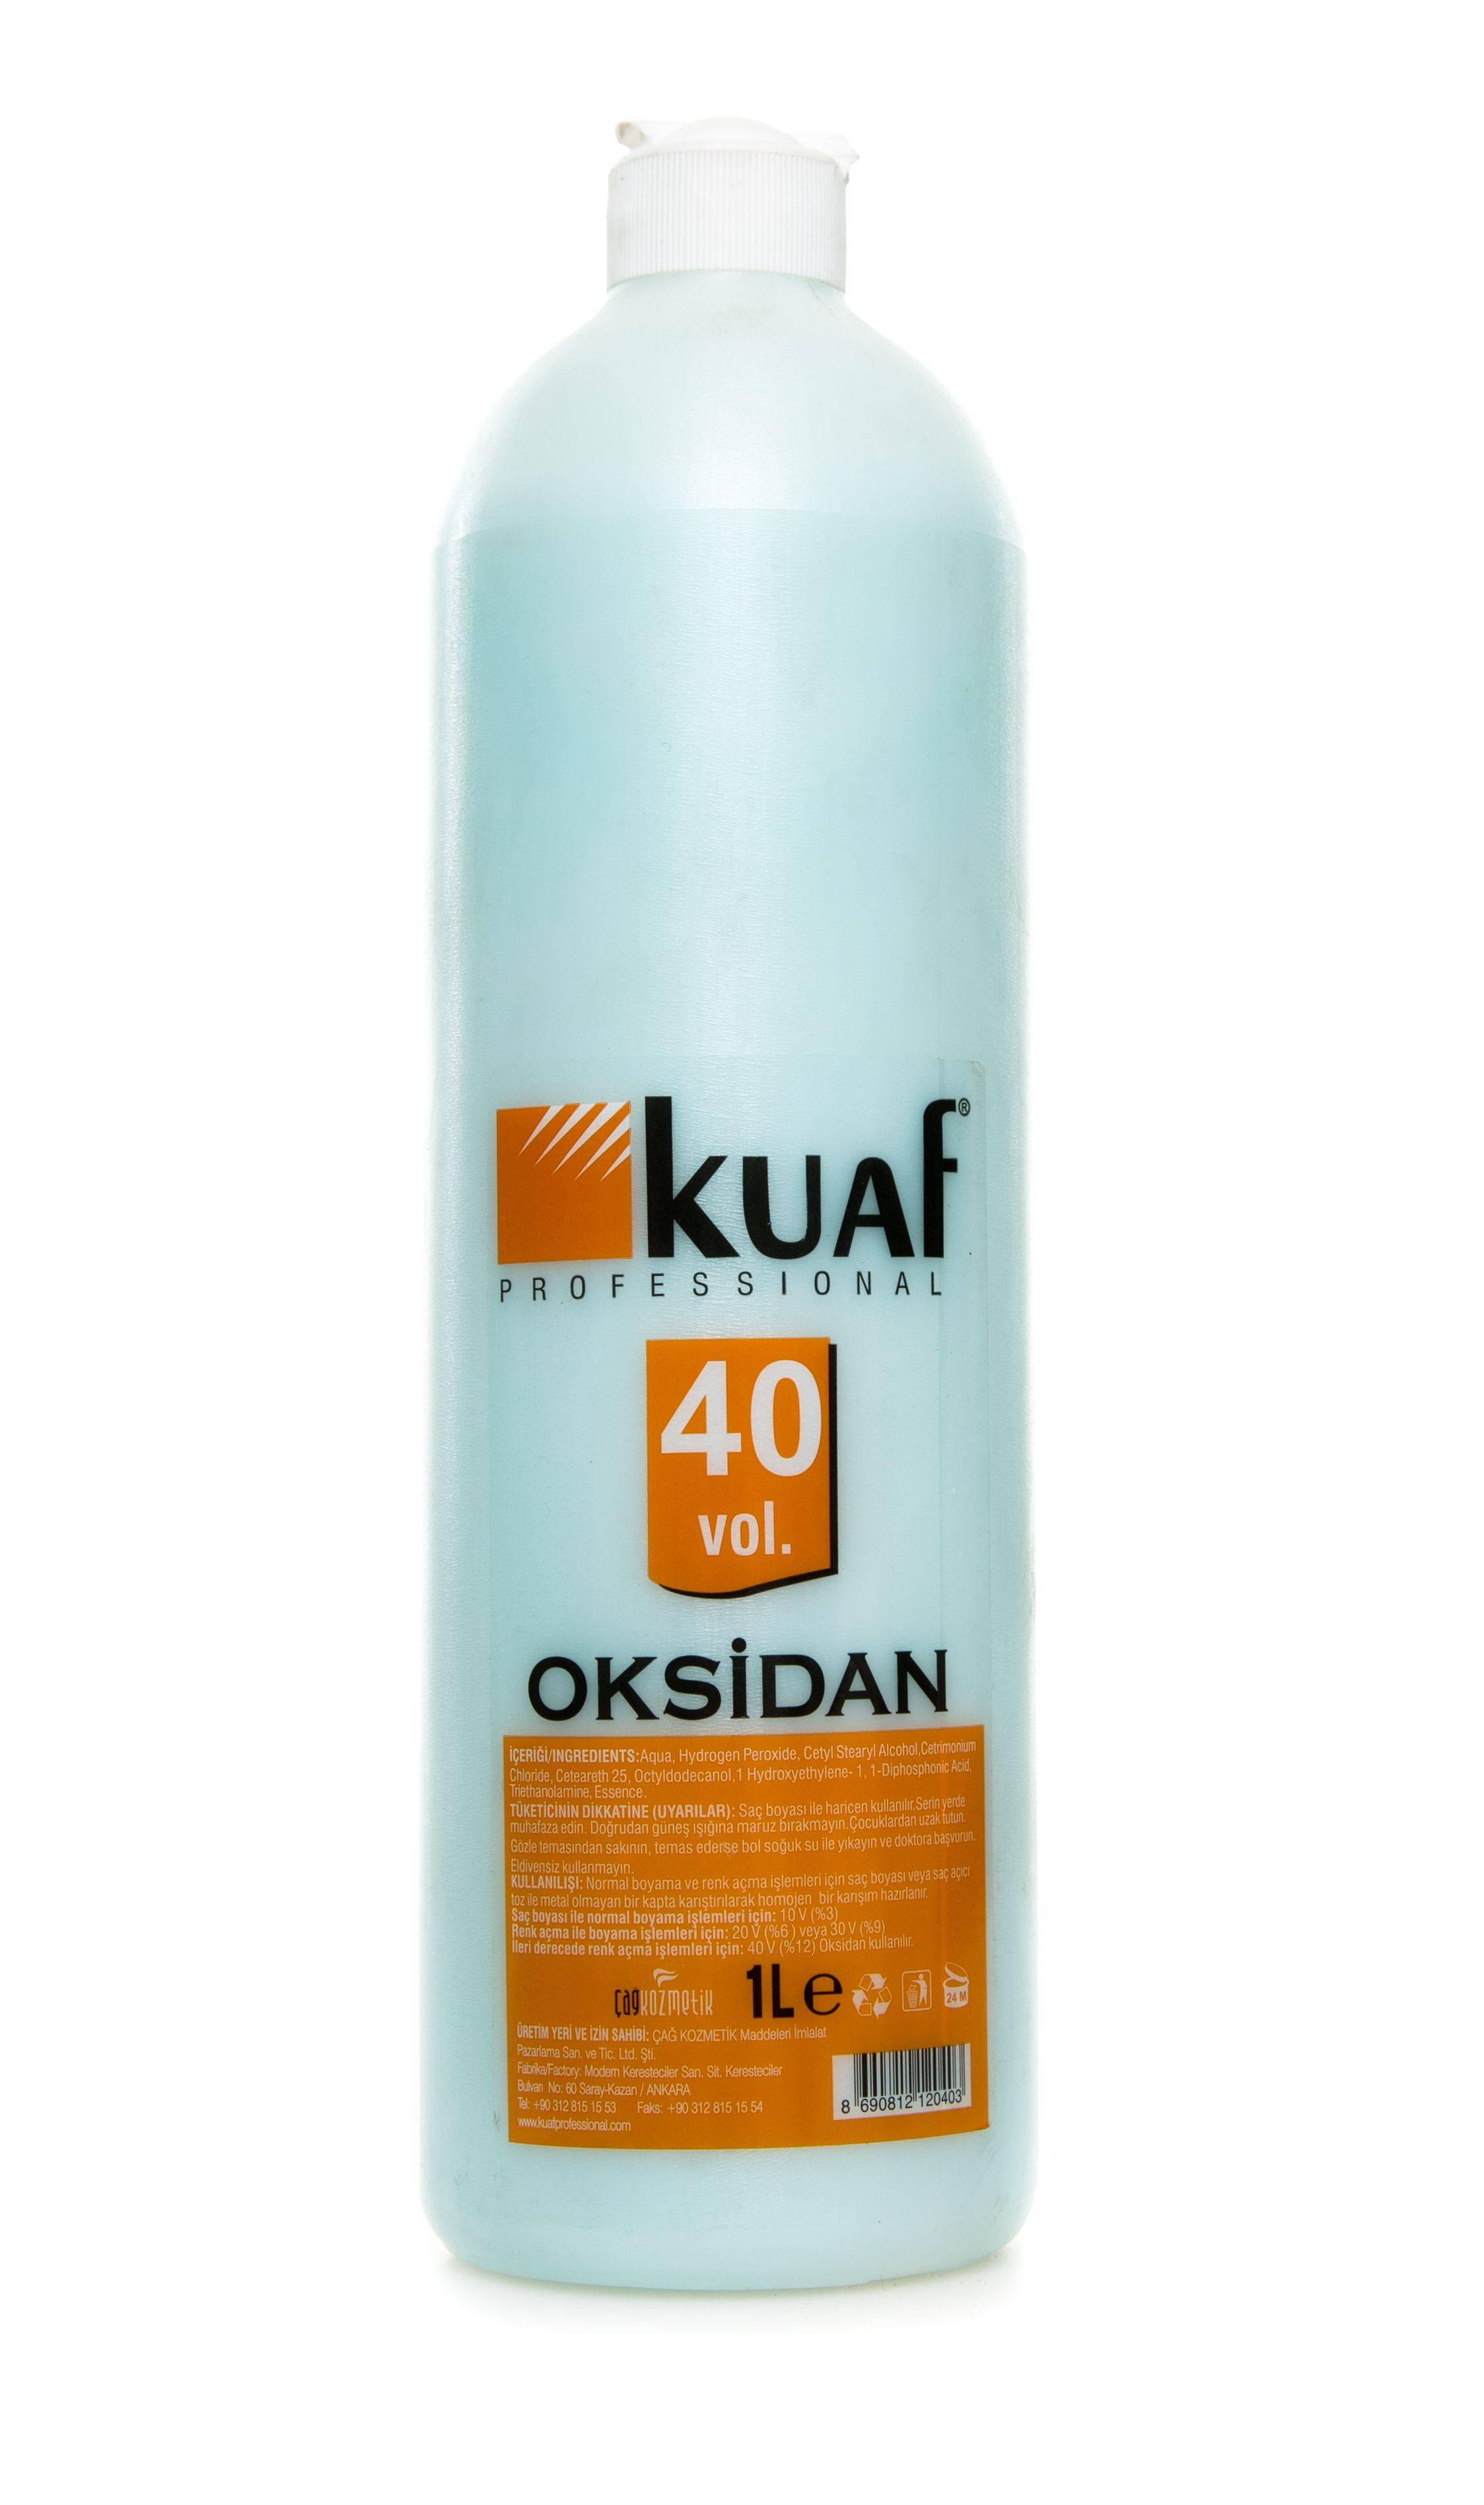 Kuaf Mavi Oksidan 40 Vol 1 Lt Benzersiz Krem Formulu Ile